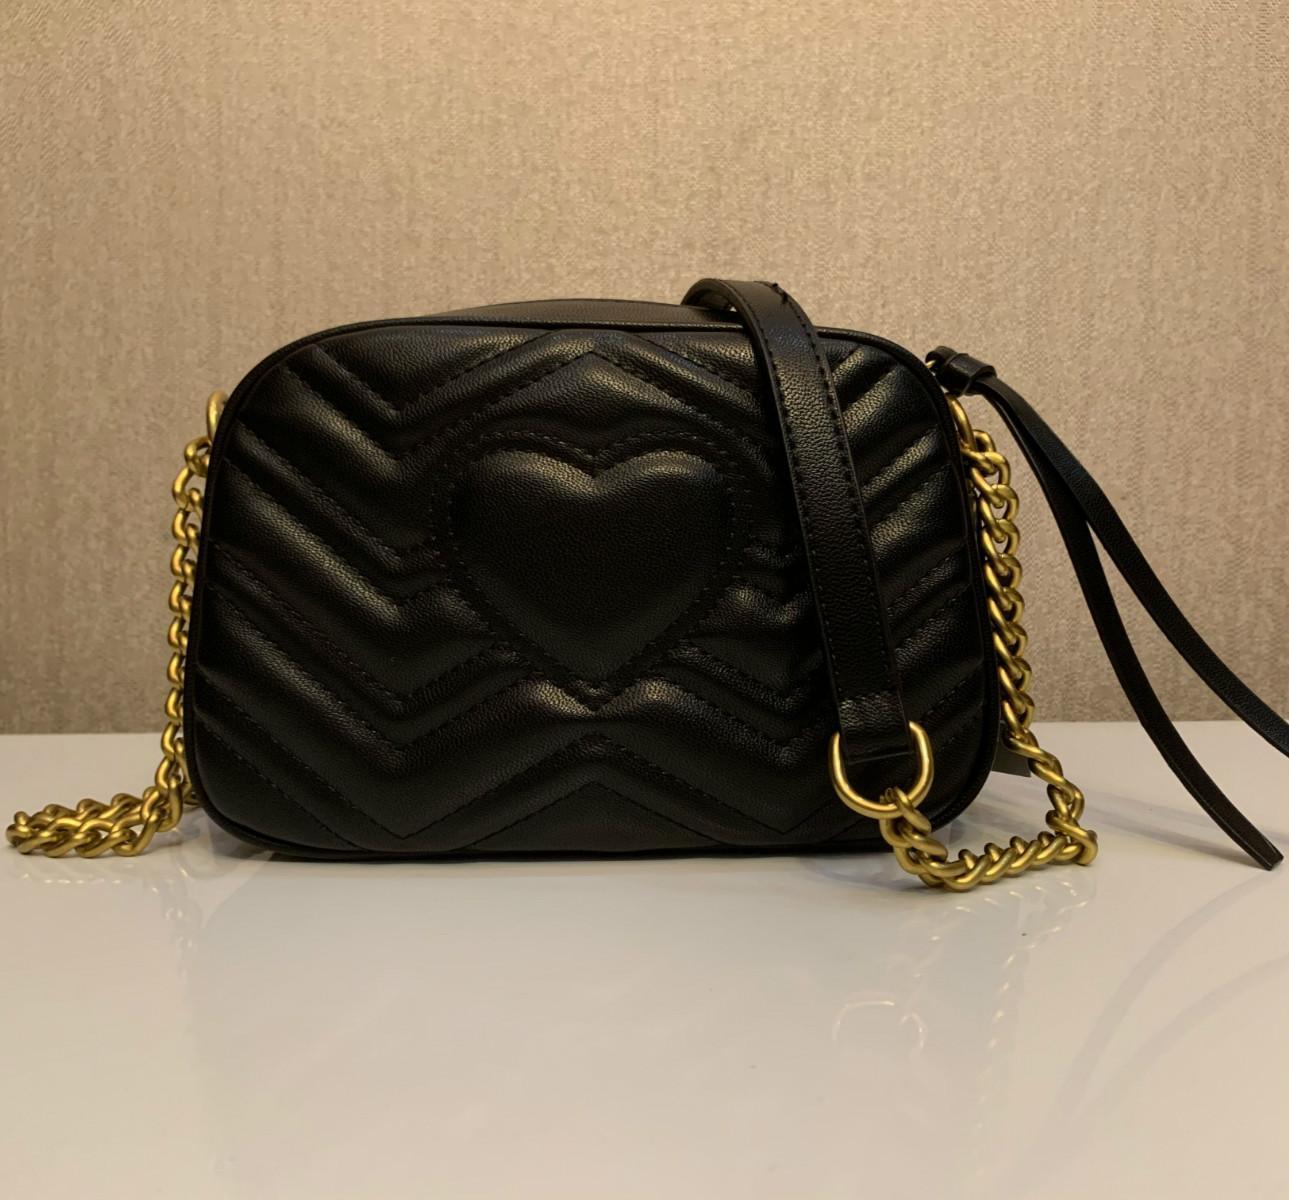 Высокое качество плеча роскошь диско золото сумки известных женщин цепные сумки цвета цвета Crossbody дизайнер новый SOHO сумка сумка кошелек 5 jnrd